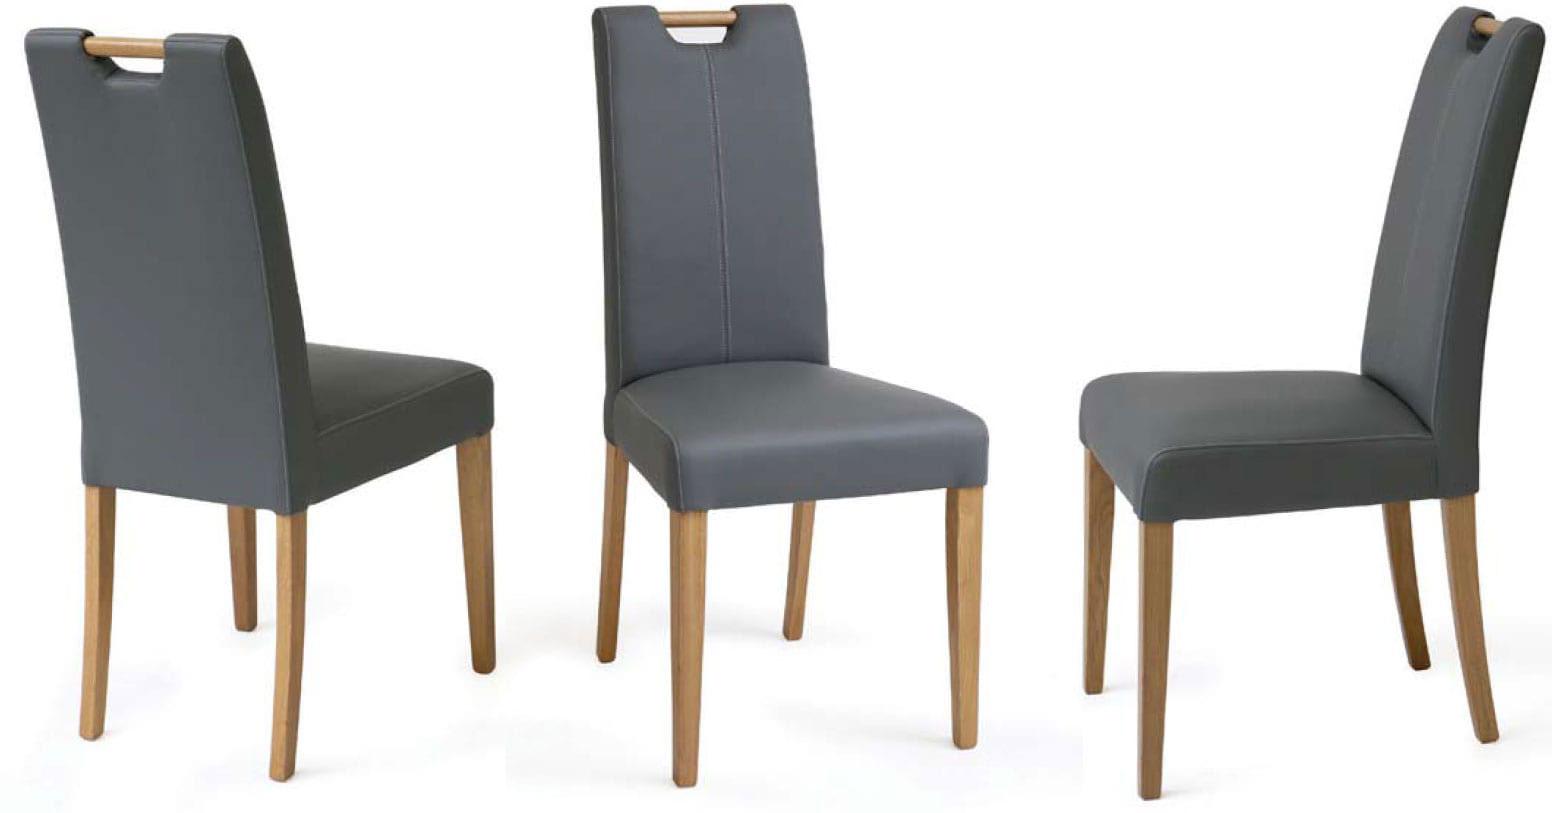 Standard Furniture Savona Polsterstühle mit Griff